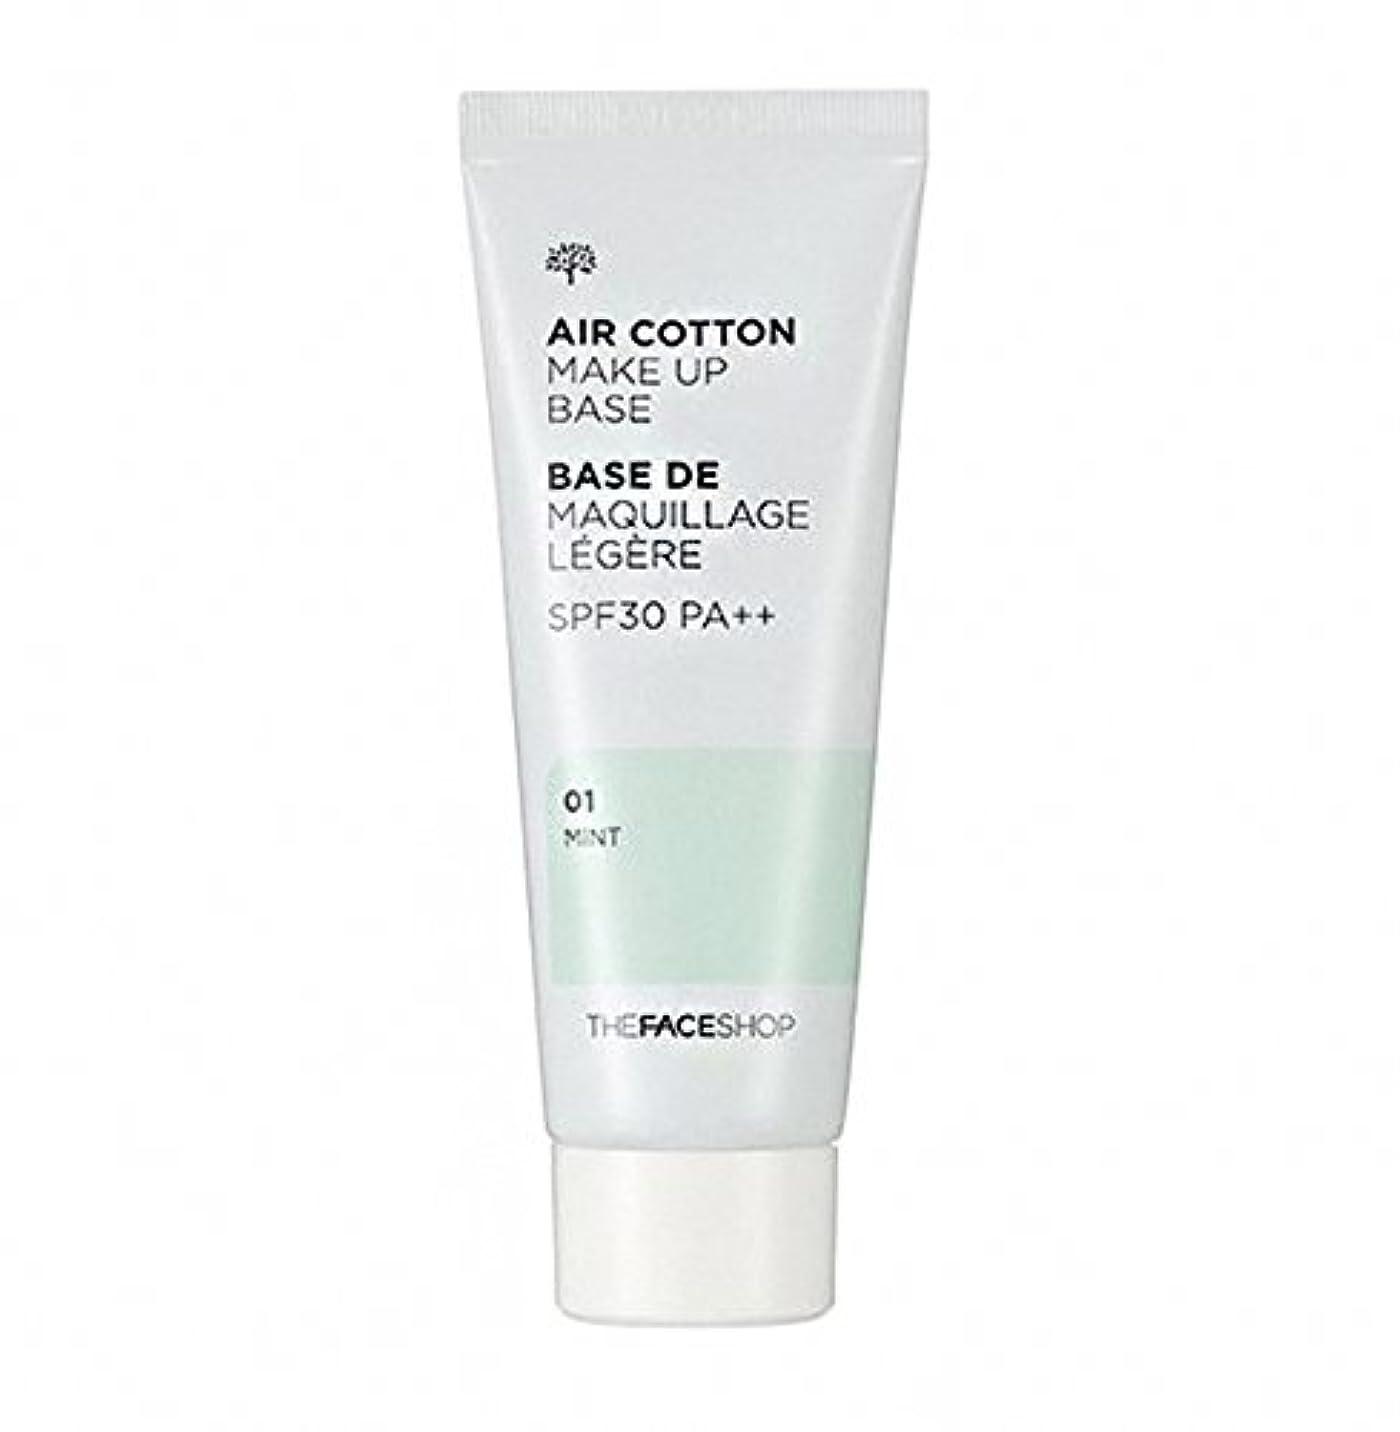 パスポート宇宙委任するザ·フェイスショップ The Face Shop エアコットン メーキャップ ベース 40ml(01 ミント) The Face Shop air Cotton Makeup Base 40ml(01 Mint) [海外直送品]